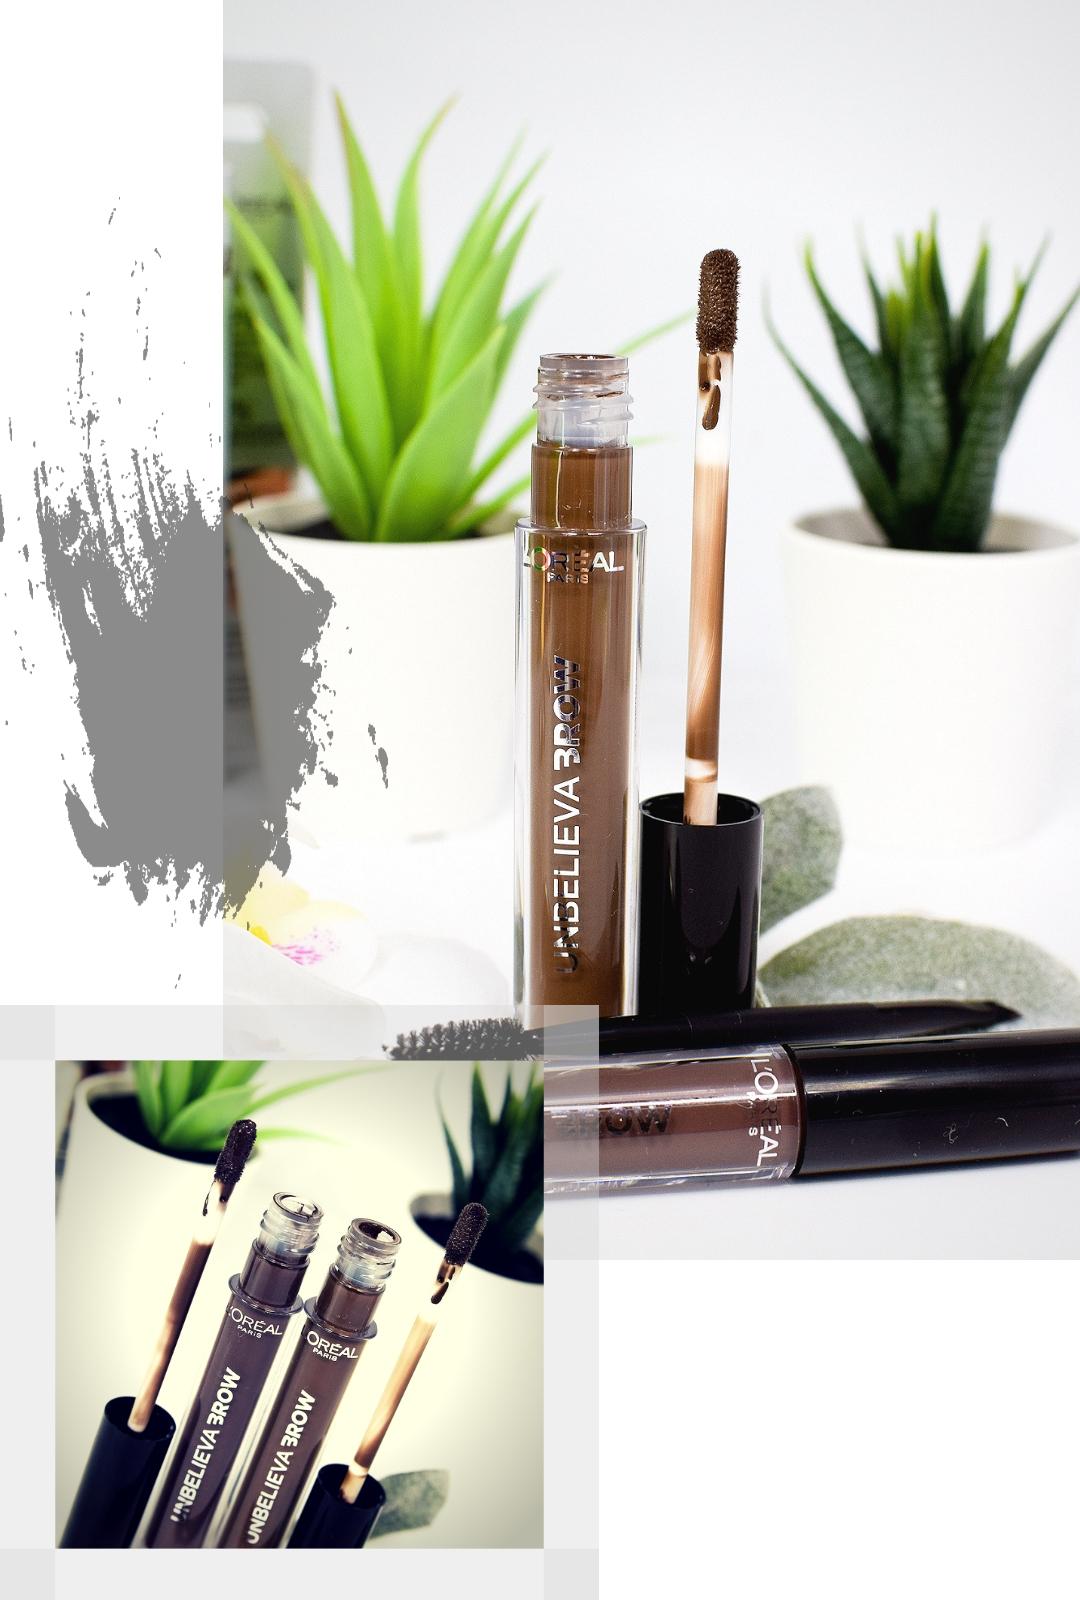 Swatch und Review zum neuen L'Oréal Unbelieva-Brow Augenbrauen Gel.